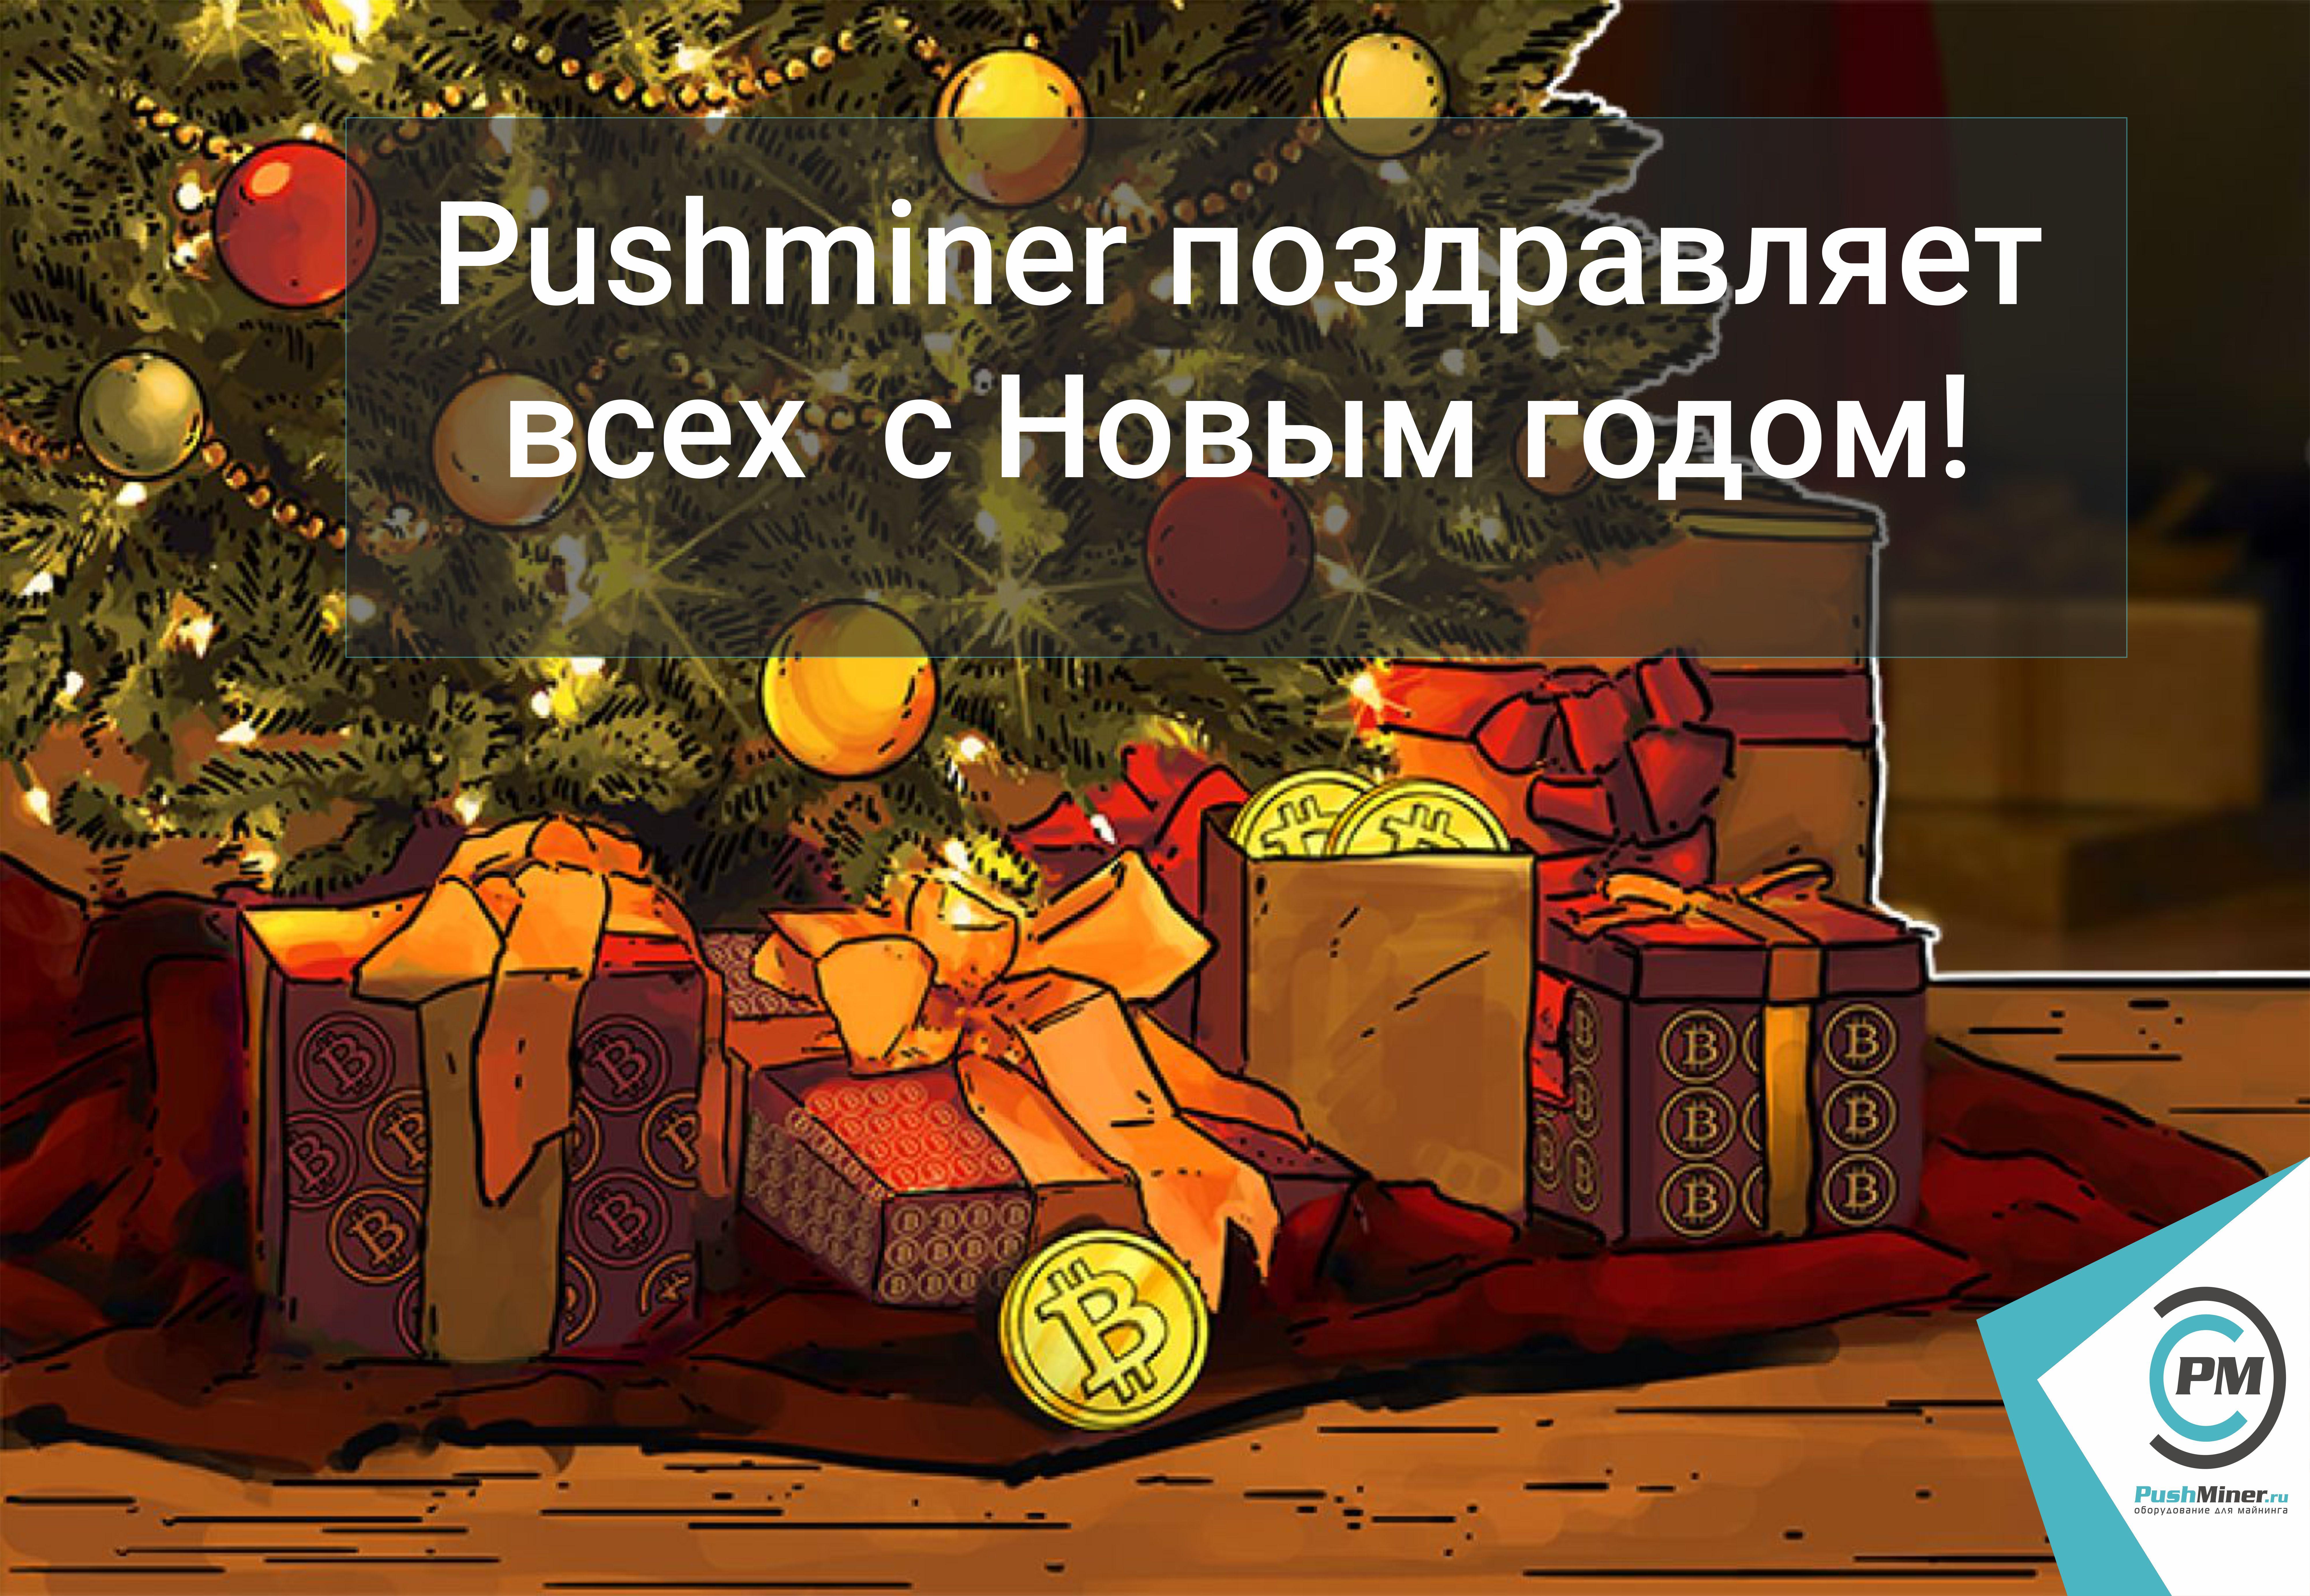 Pushminer поздравляет всех клиентов, а также будущих клиентов с Новым годом!